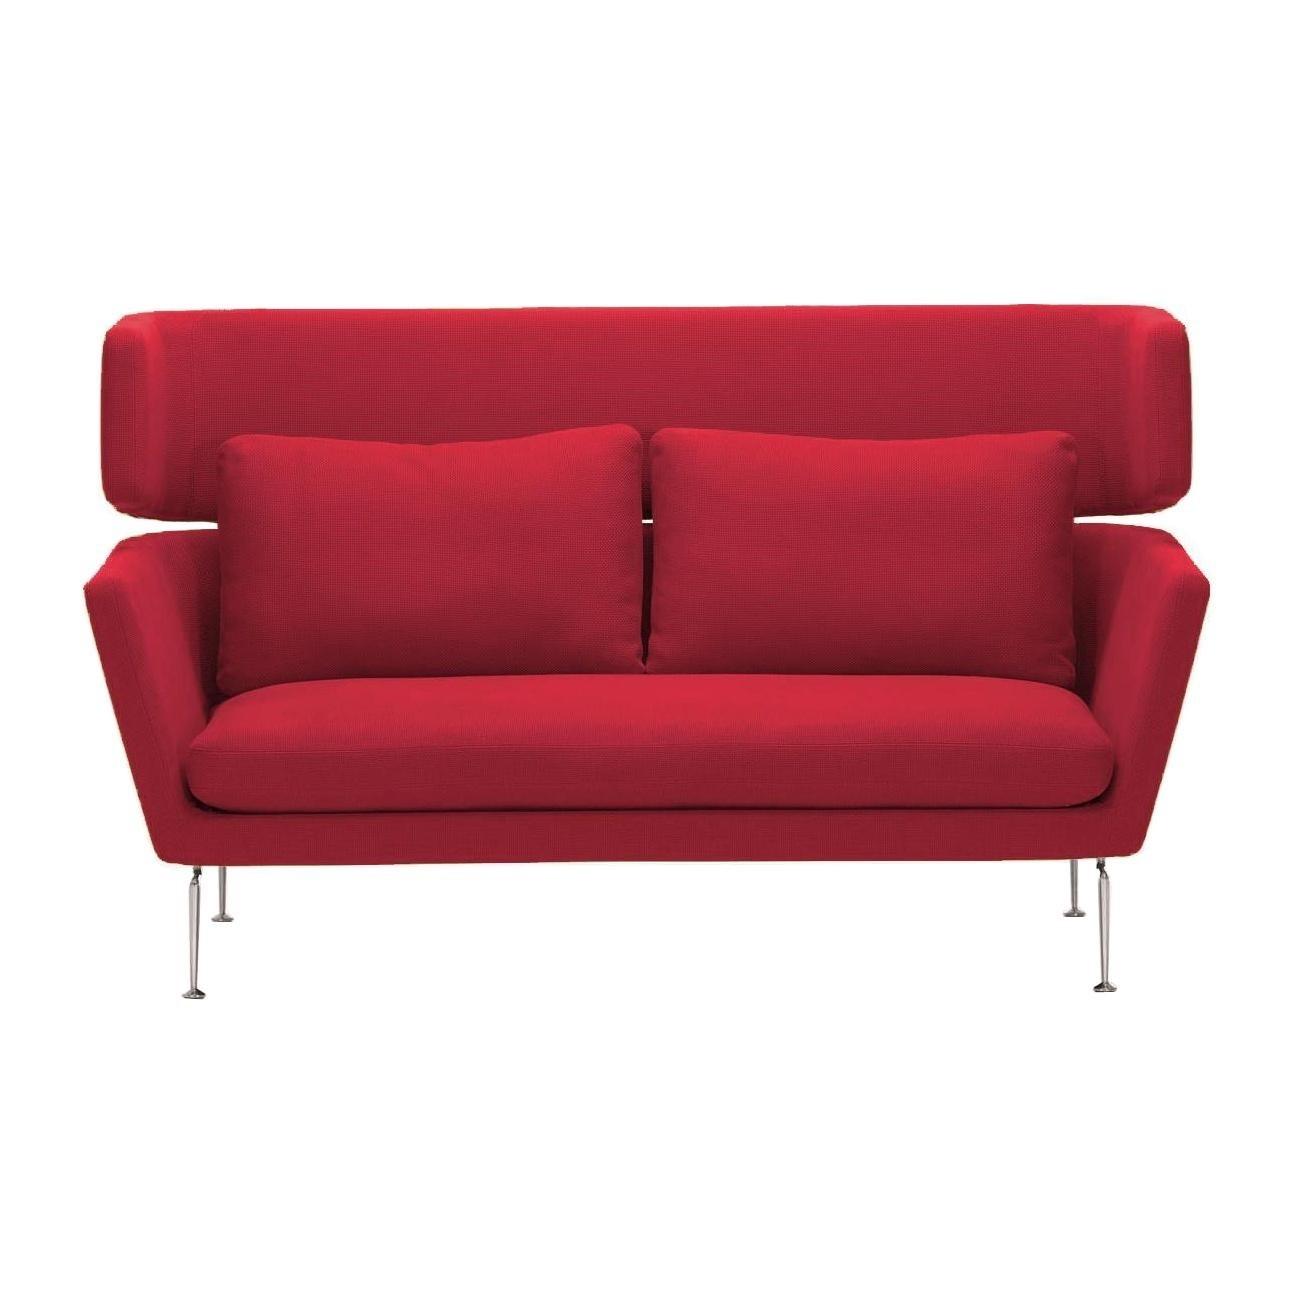 Suita Citterio 2 Seater Sofa